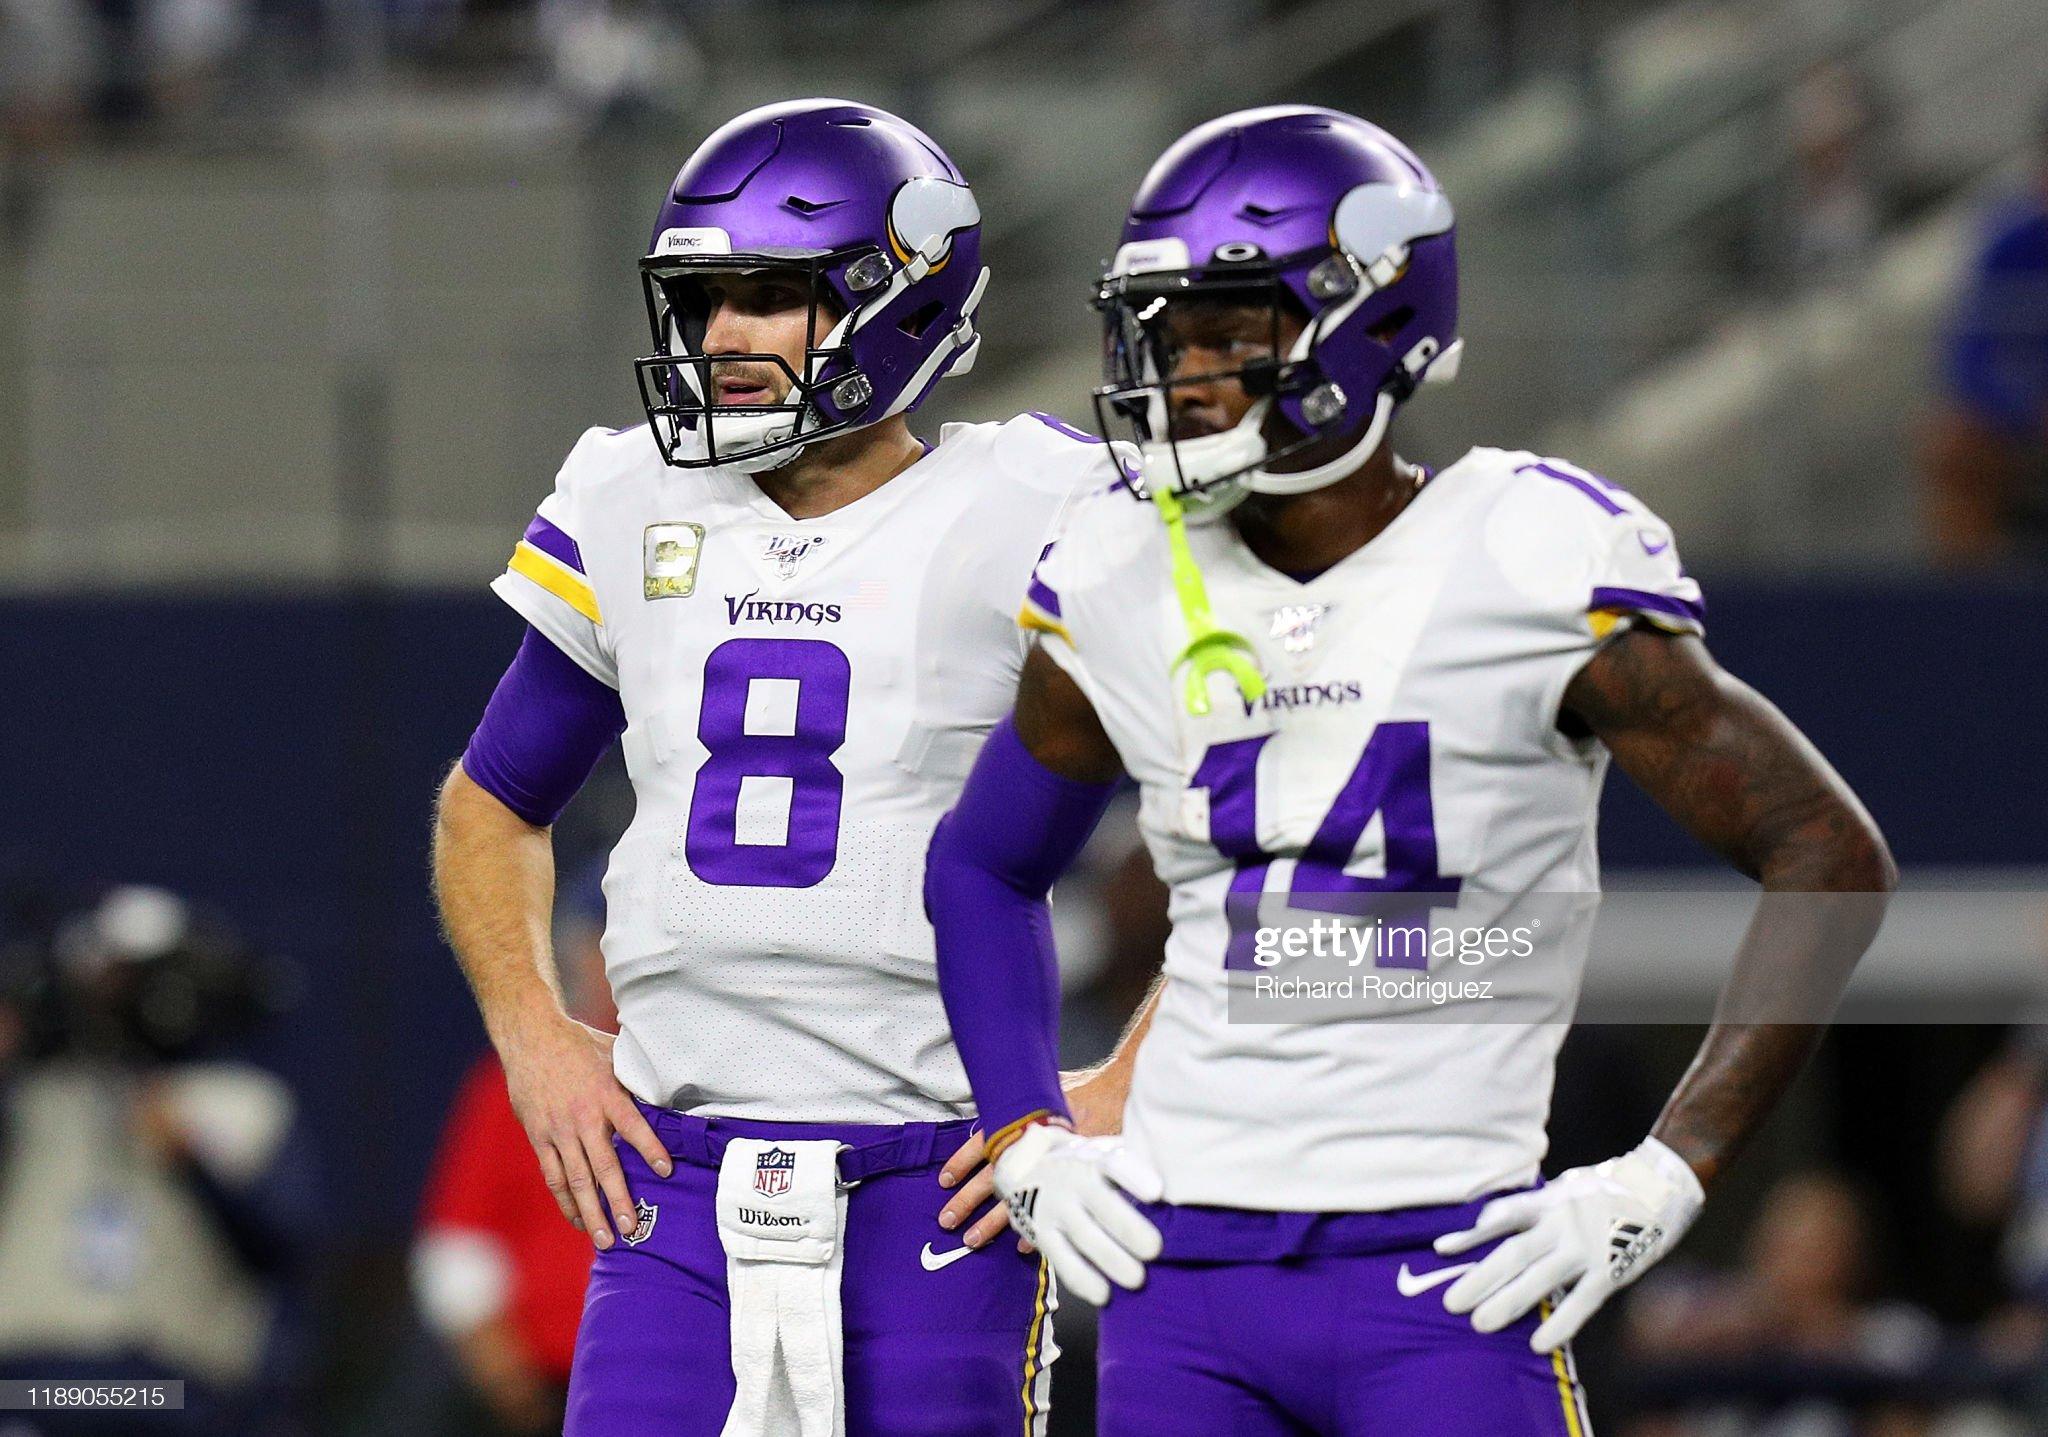 Minnesota Vikings vDallas Cowboys : News Photo